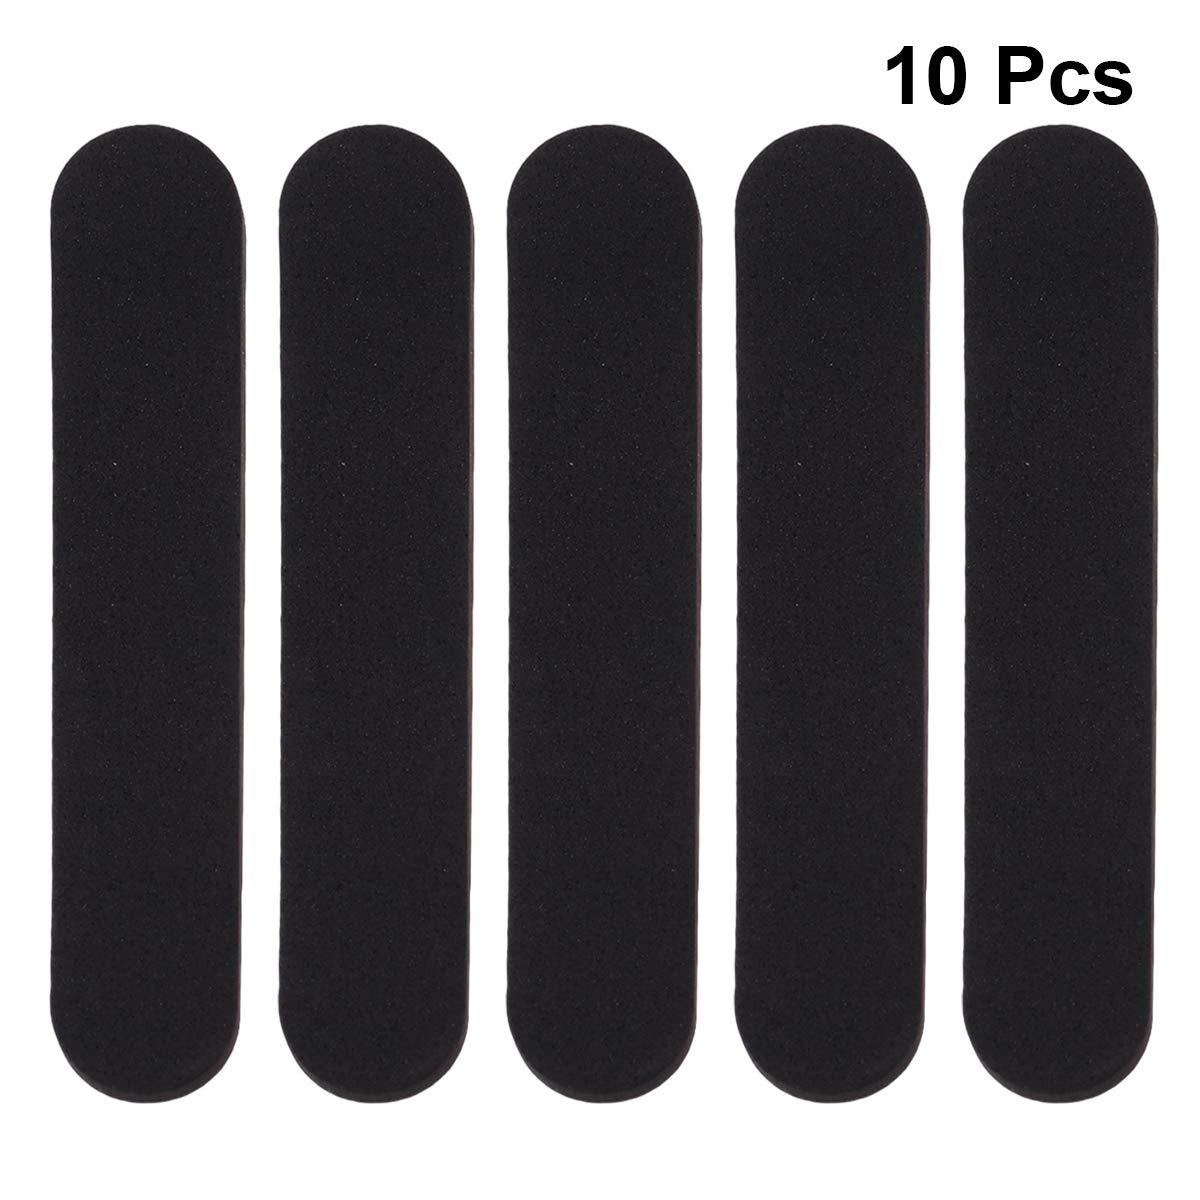 DOITOOL Reductor de tama/ño de Sombrero inserte Cinta Reductora de Espuma para Sombreros Gorras Sweatband 10pcs Negro